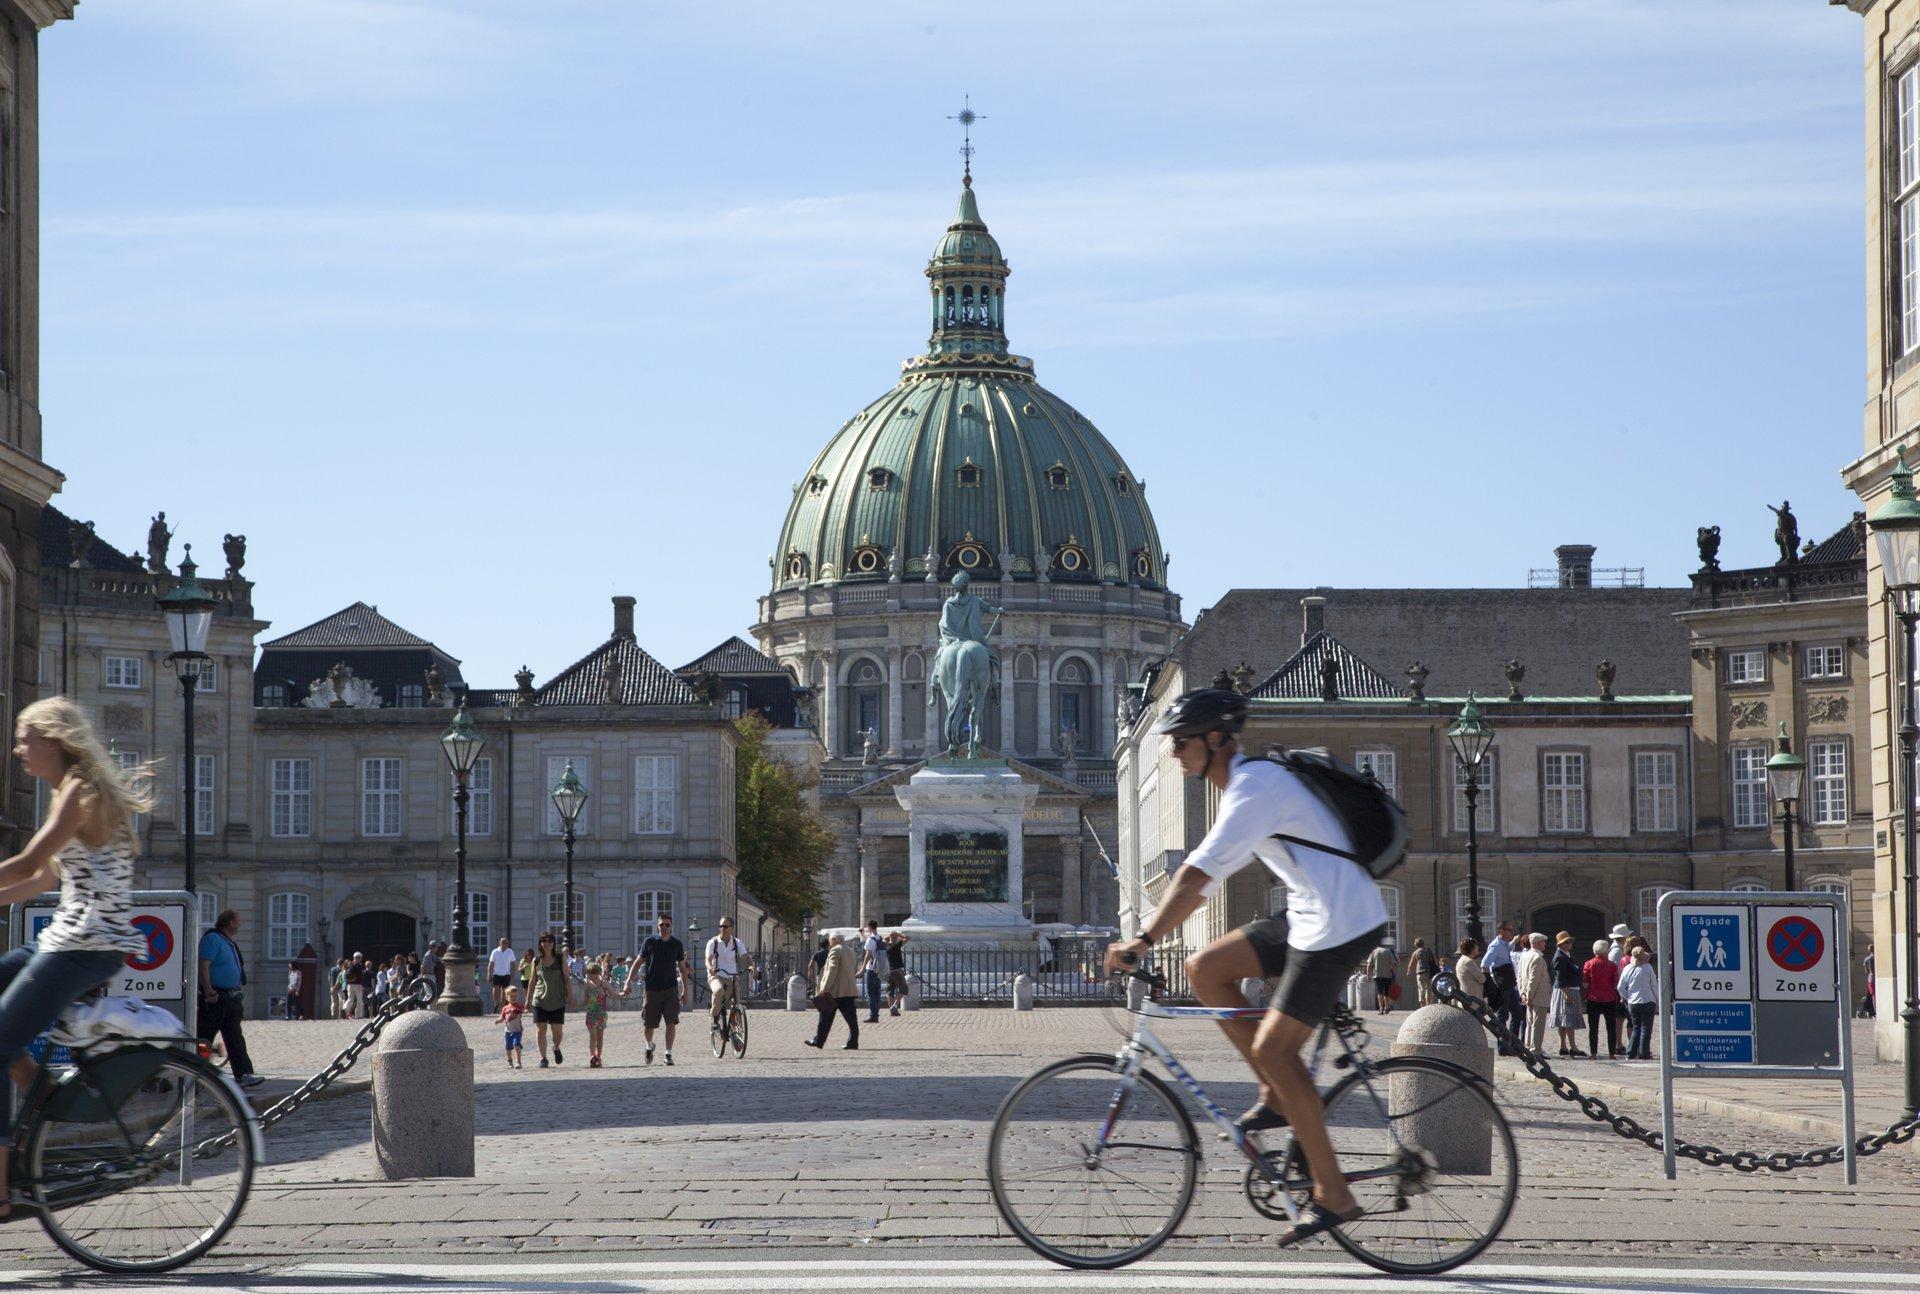 Den 2., 3. og 4. juli er Tour de France i Danmark, der startes i København, hvor blandt andet Amalienborg passeres, anden etape er fra Roskilde til den fynske side af Storebæltsbroen, mens den sidste er fra Vejle til Sønderborg. Arkivpressefoto: Kim Wyon, VisitDenmark.